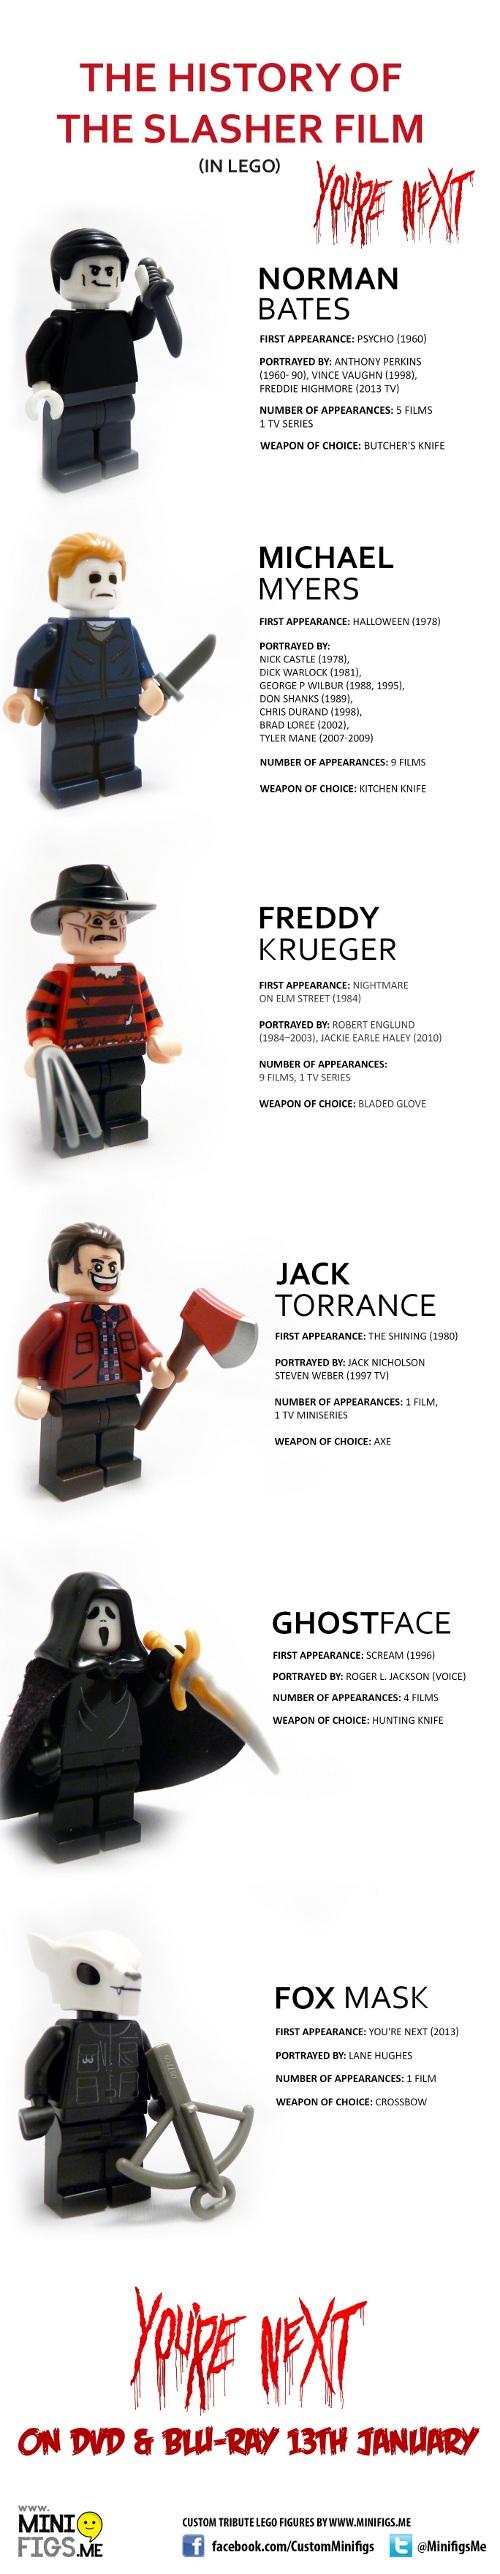 Lego History of Slasher films